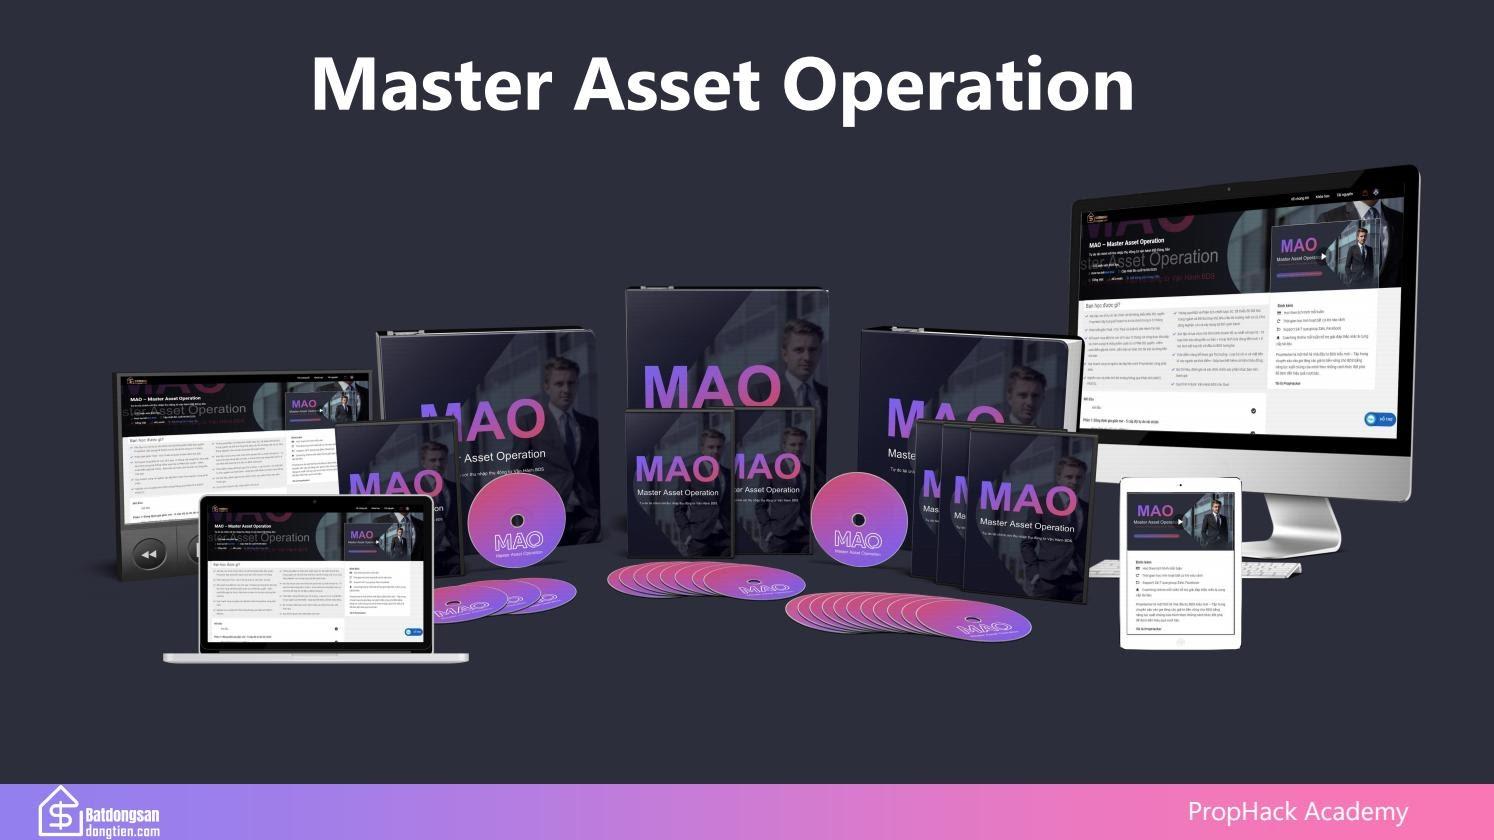 Share khóa học  MAO - Master Asset Operation - Tự do tài chính với thu nhập thụ động từ Vận Hành Bất Động Sản